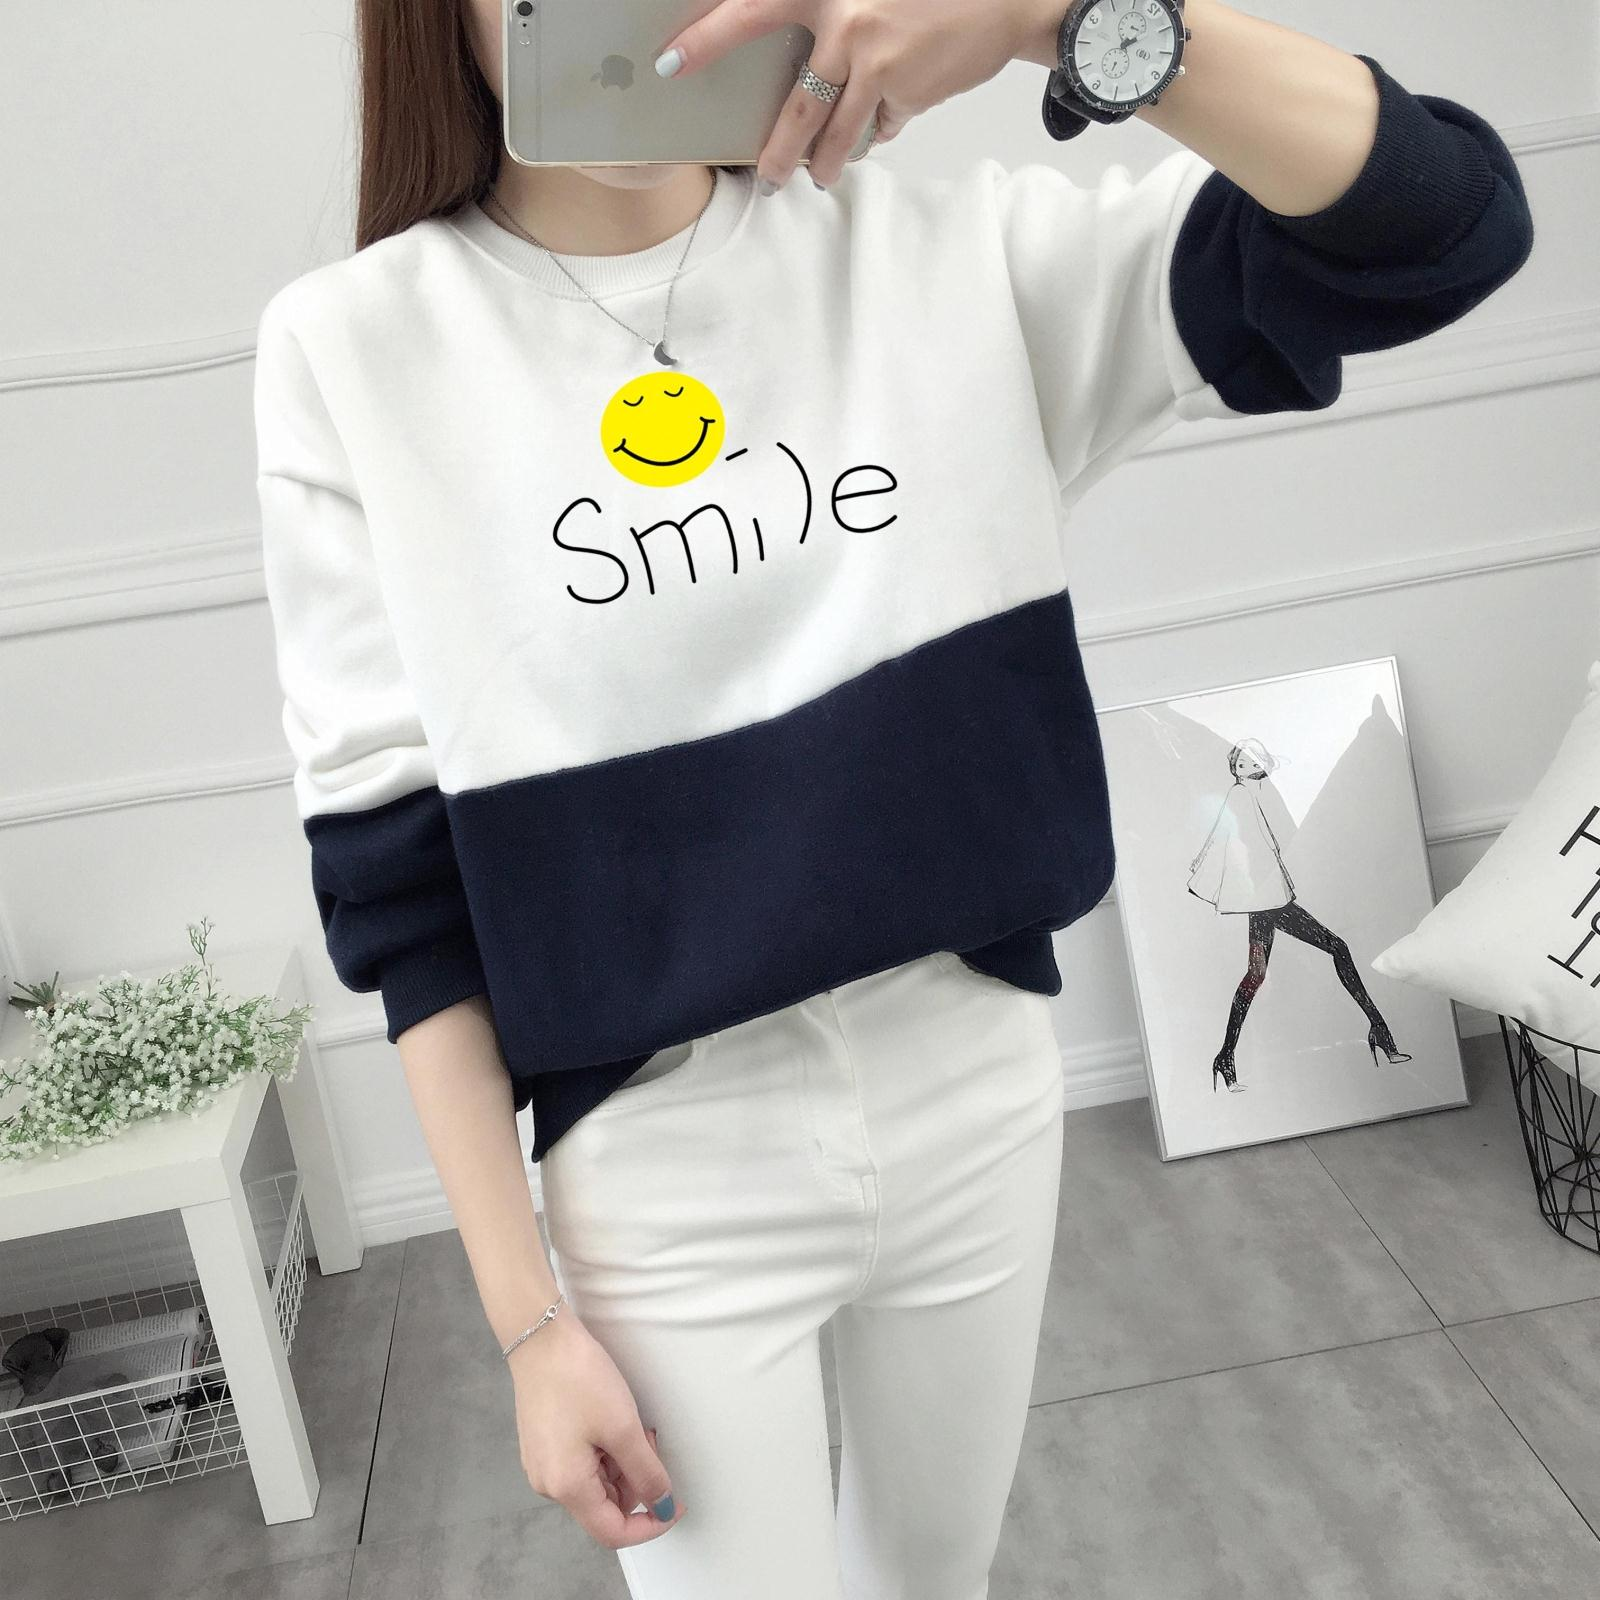 เสื้อแขนยาวแฟชั่นพร้อมส่ง เสื้อแขนยาวแต่งสีขาวสลับกรม แต่งสกรีนลายยิ้ม Smile +พร้อมส่ง+